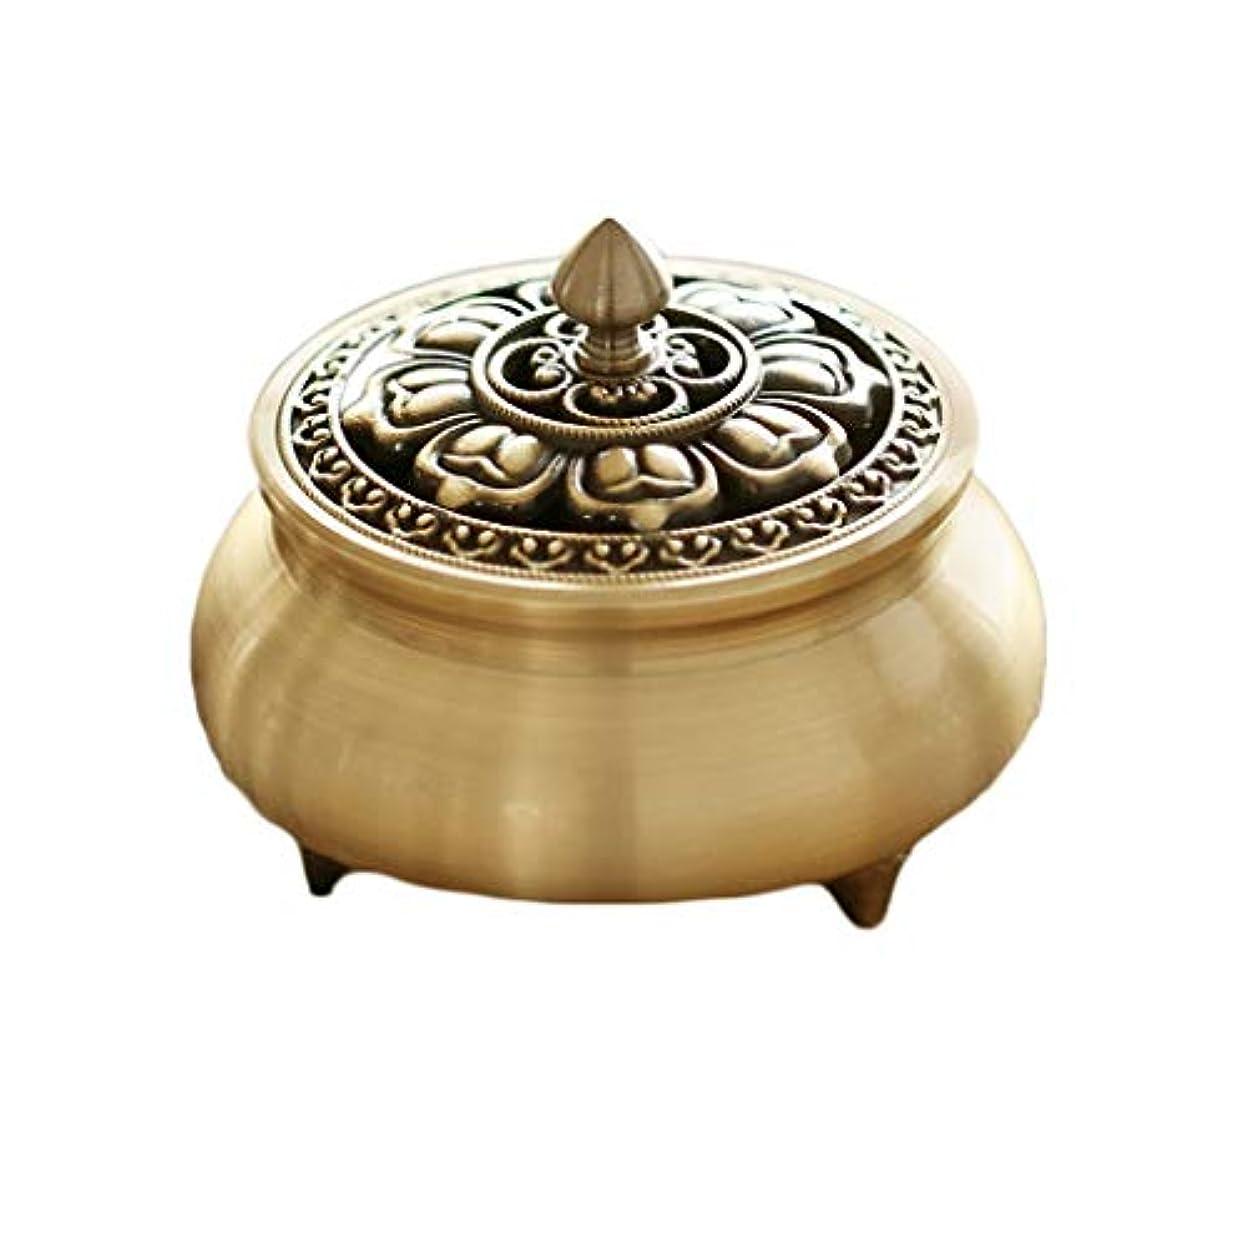 できればワックス交差点芳香器?アロマバーナー 純粋な銅香炉ホームアンティーク白檀用仏寒天香炉香り装飾アロマセラピー炉 アロマバーナー (Color : Brass)